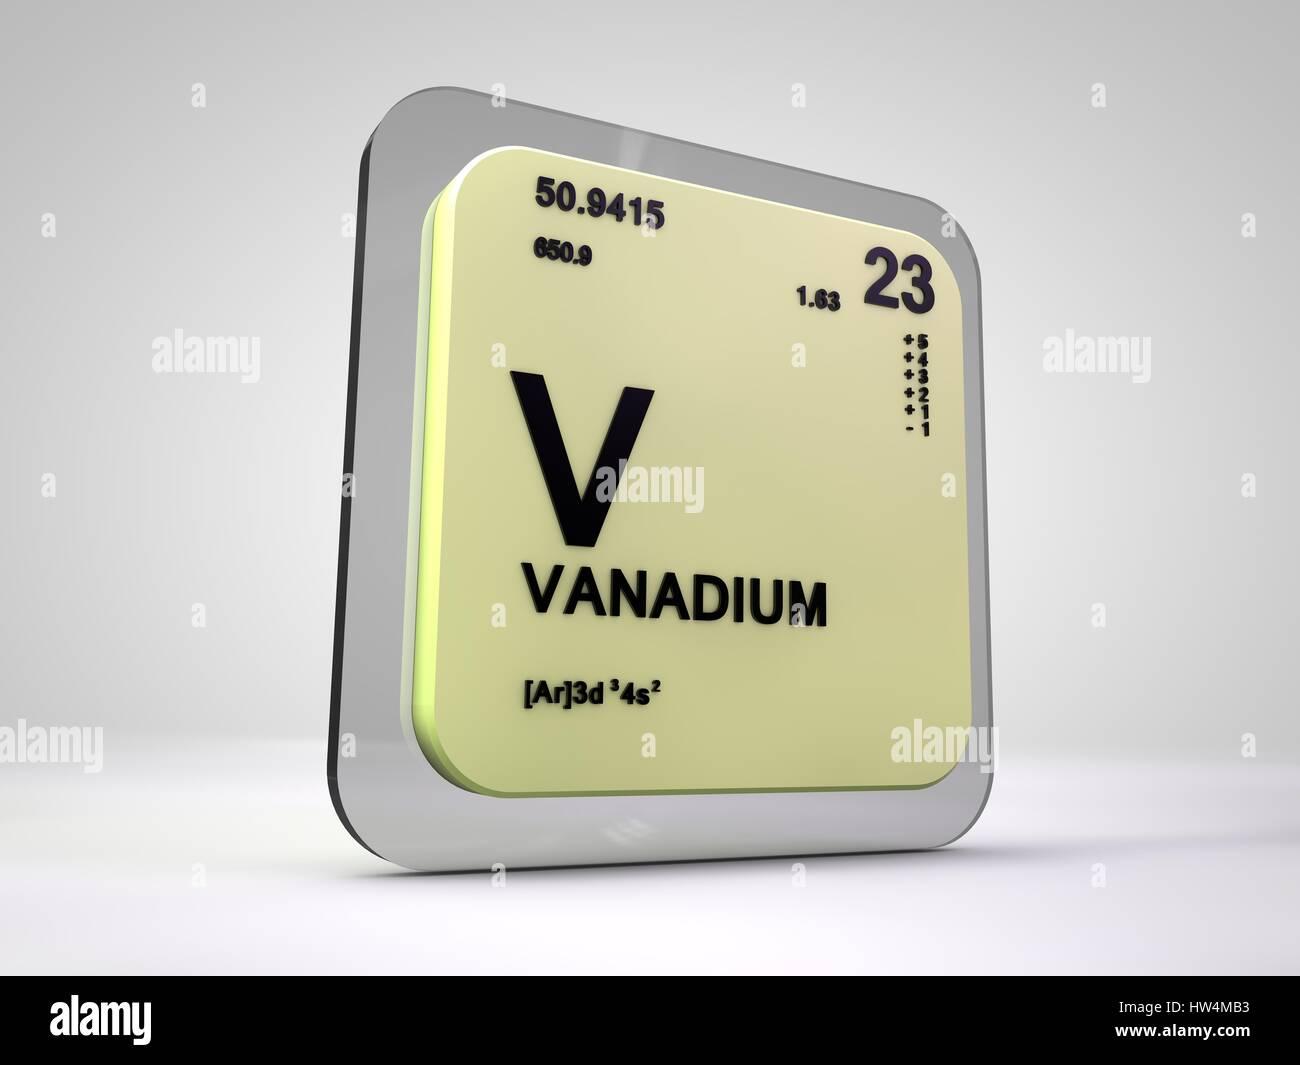 Vanadium v chemical element periodic table 3d render stock photo vanadium v chemical element periodic table 3d render urtaz Choice Image